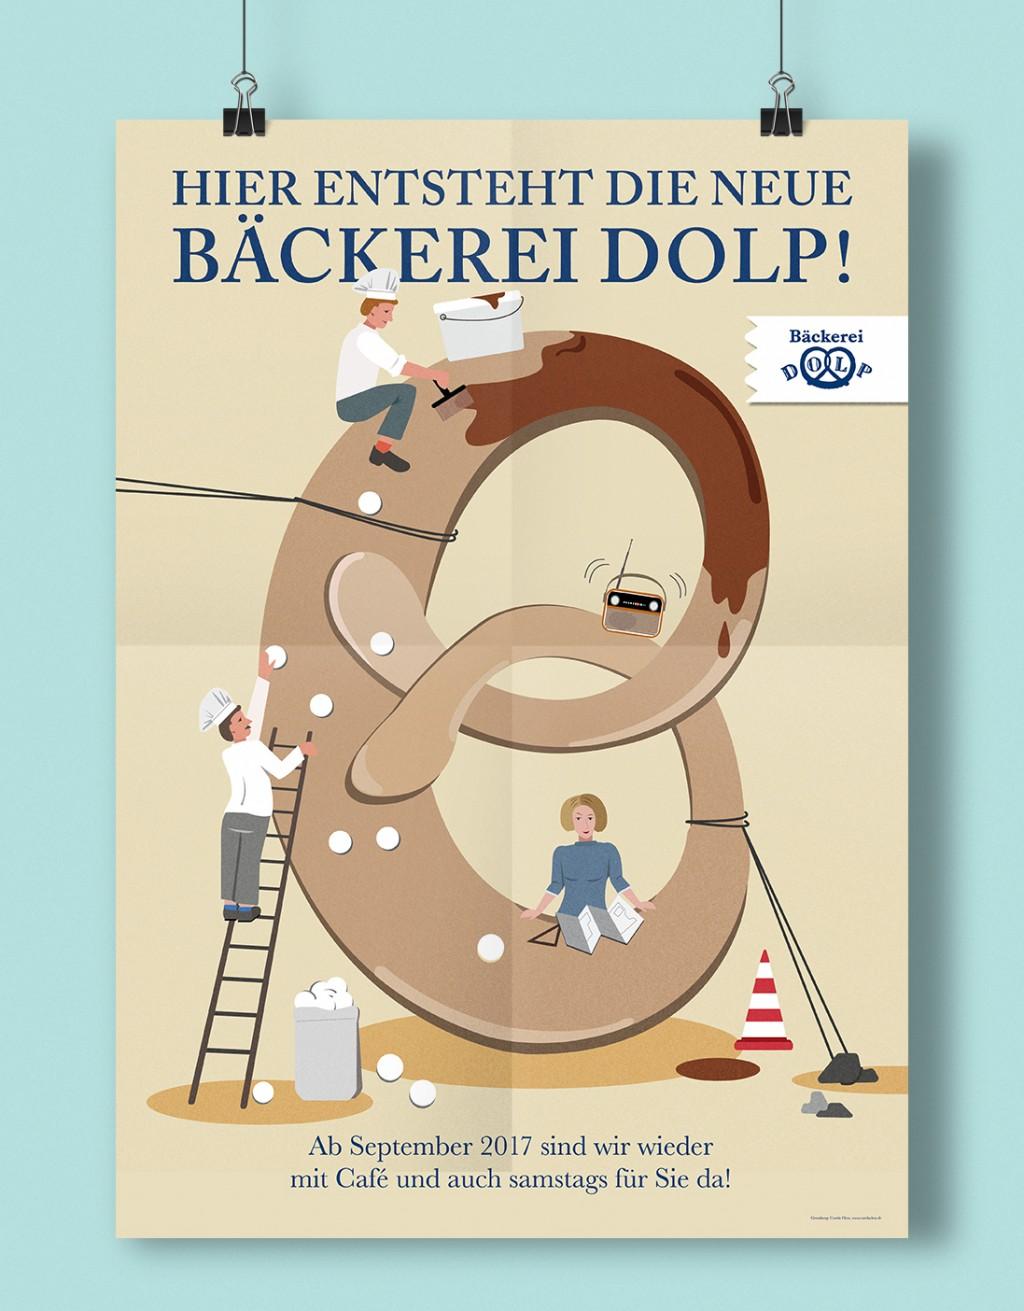 carolacless.de Grafikdesign für die Bäckerei Dolp